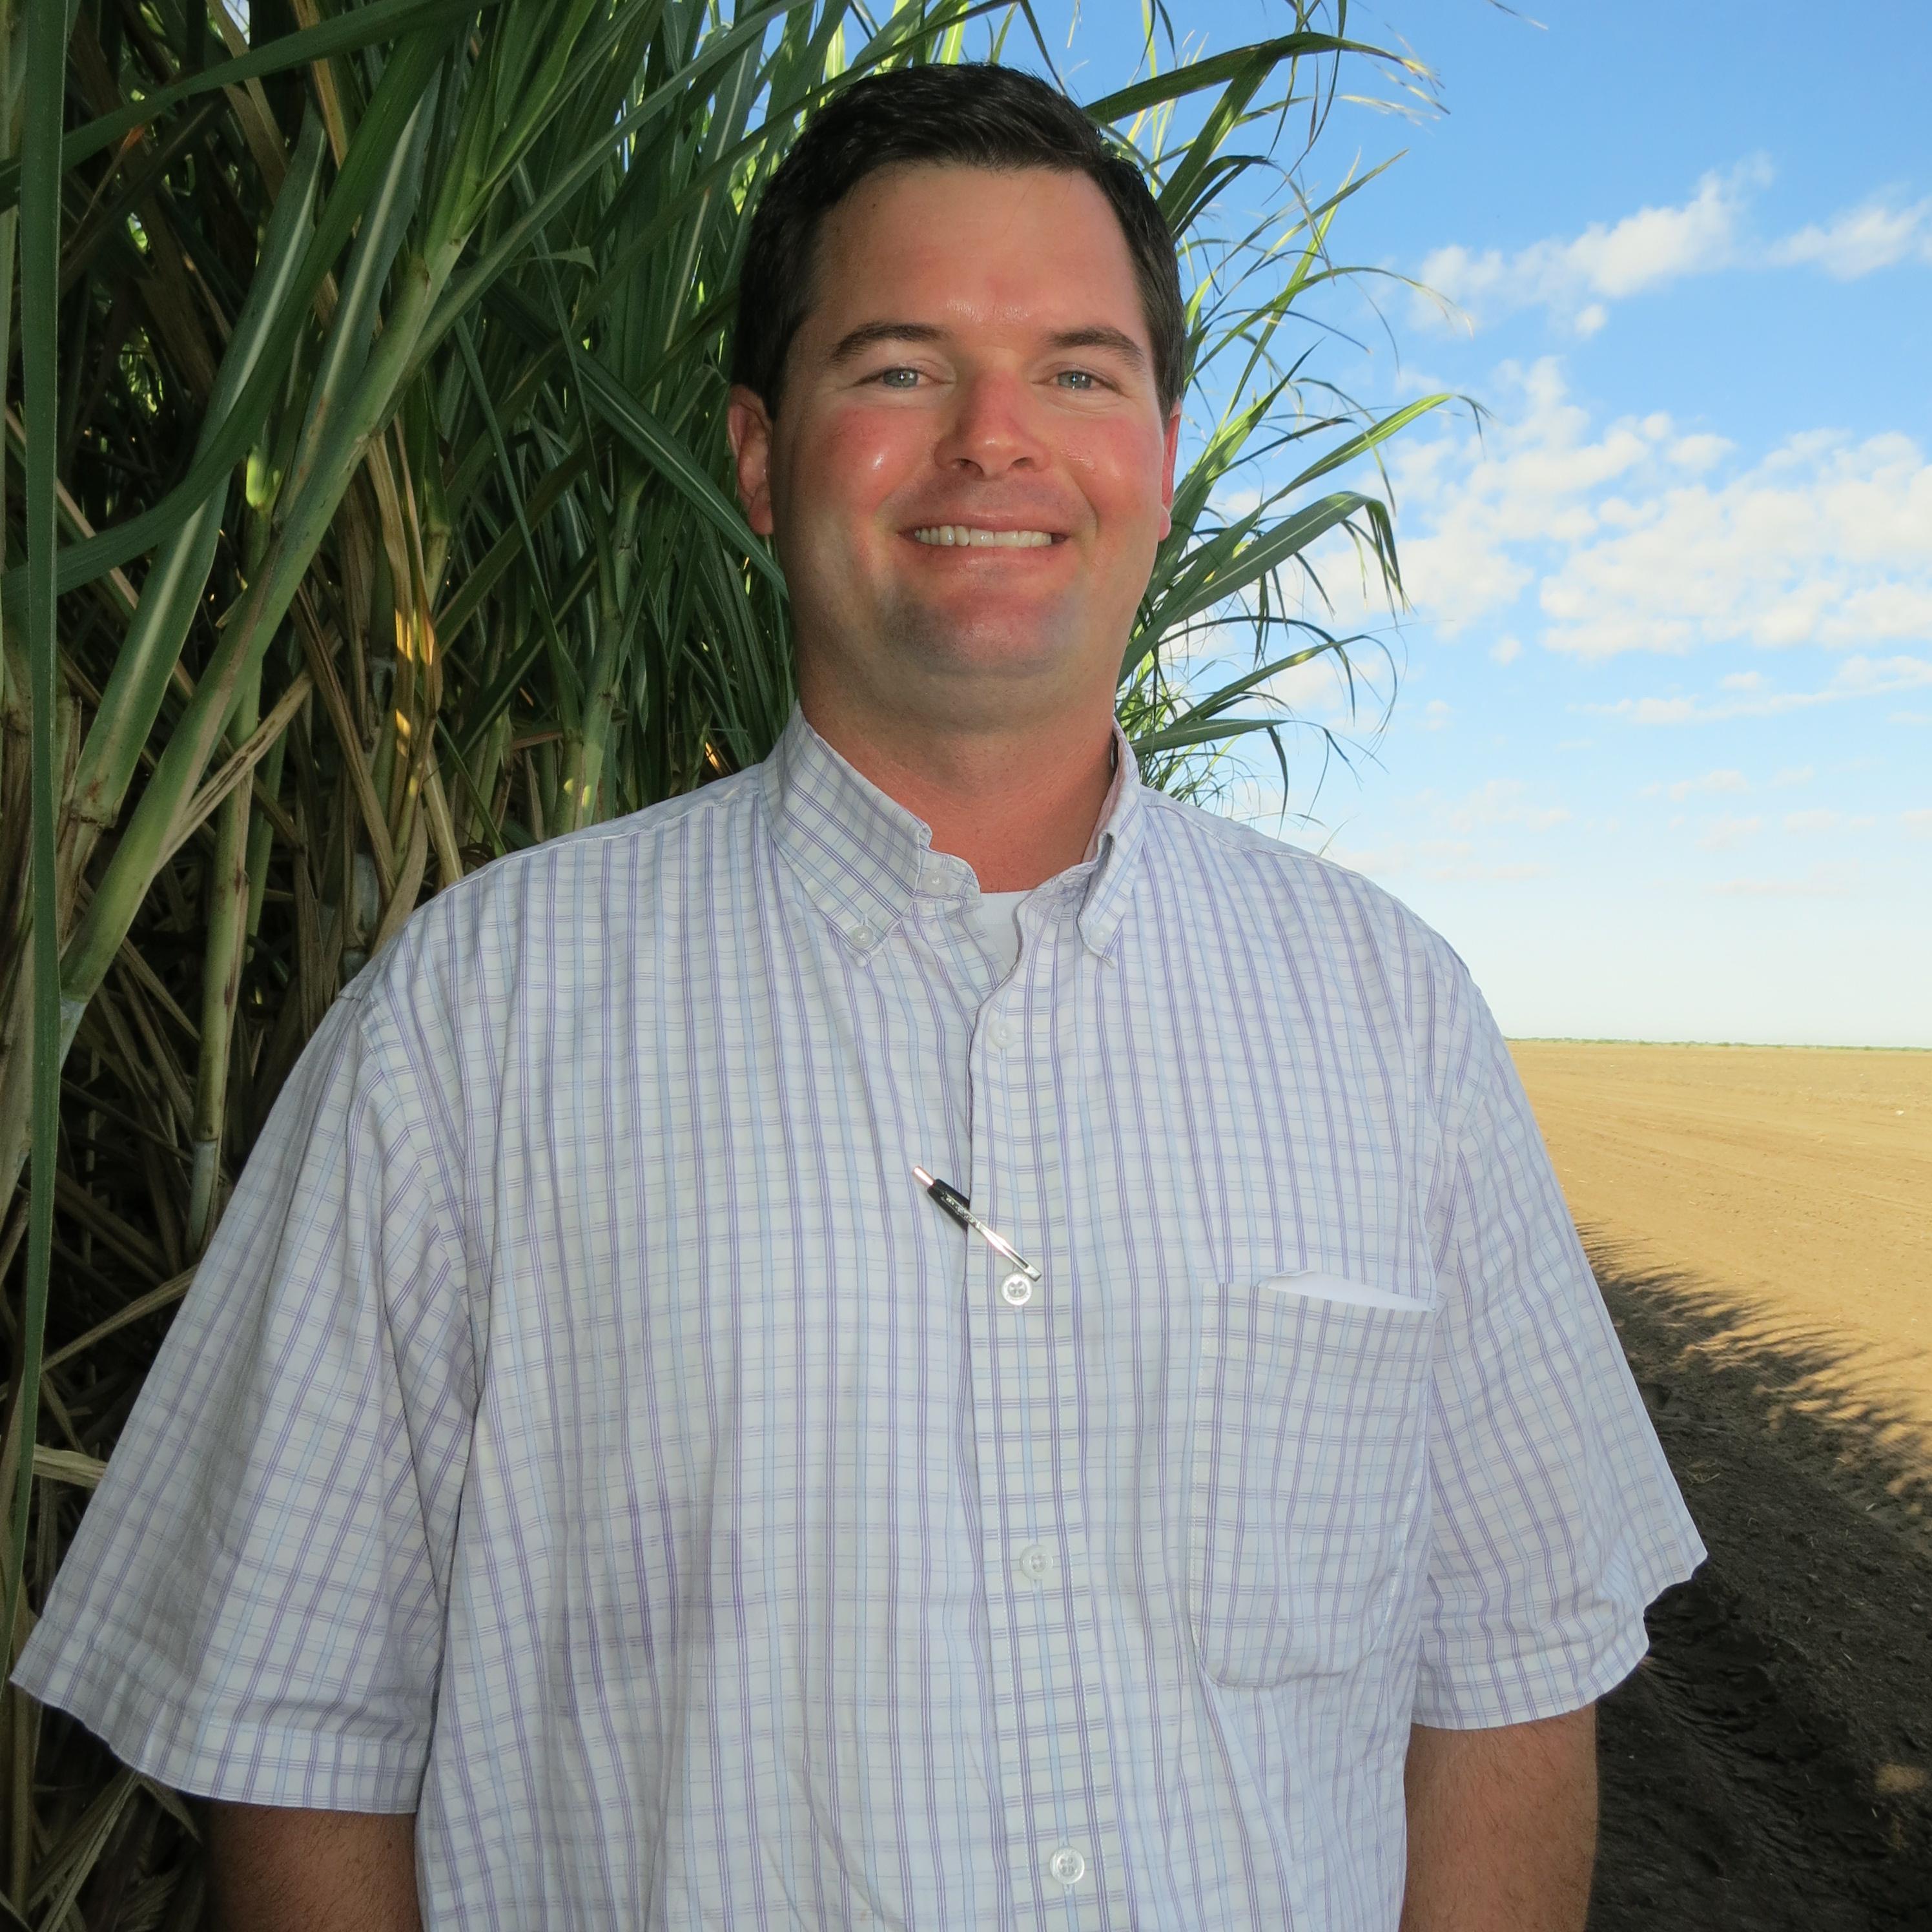 texas farm bureau announces outstanding young farmer